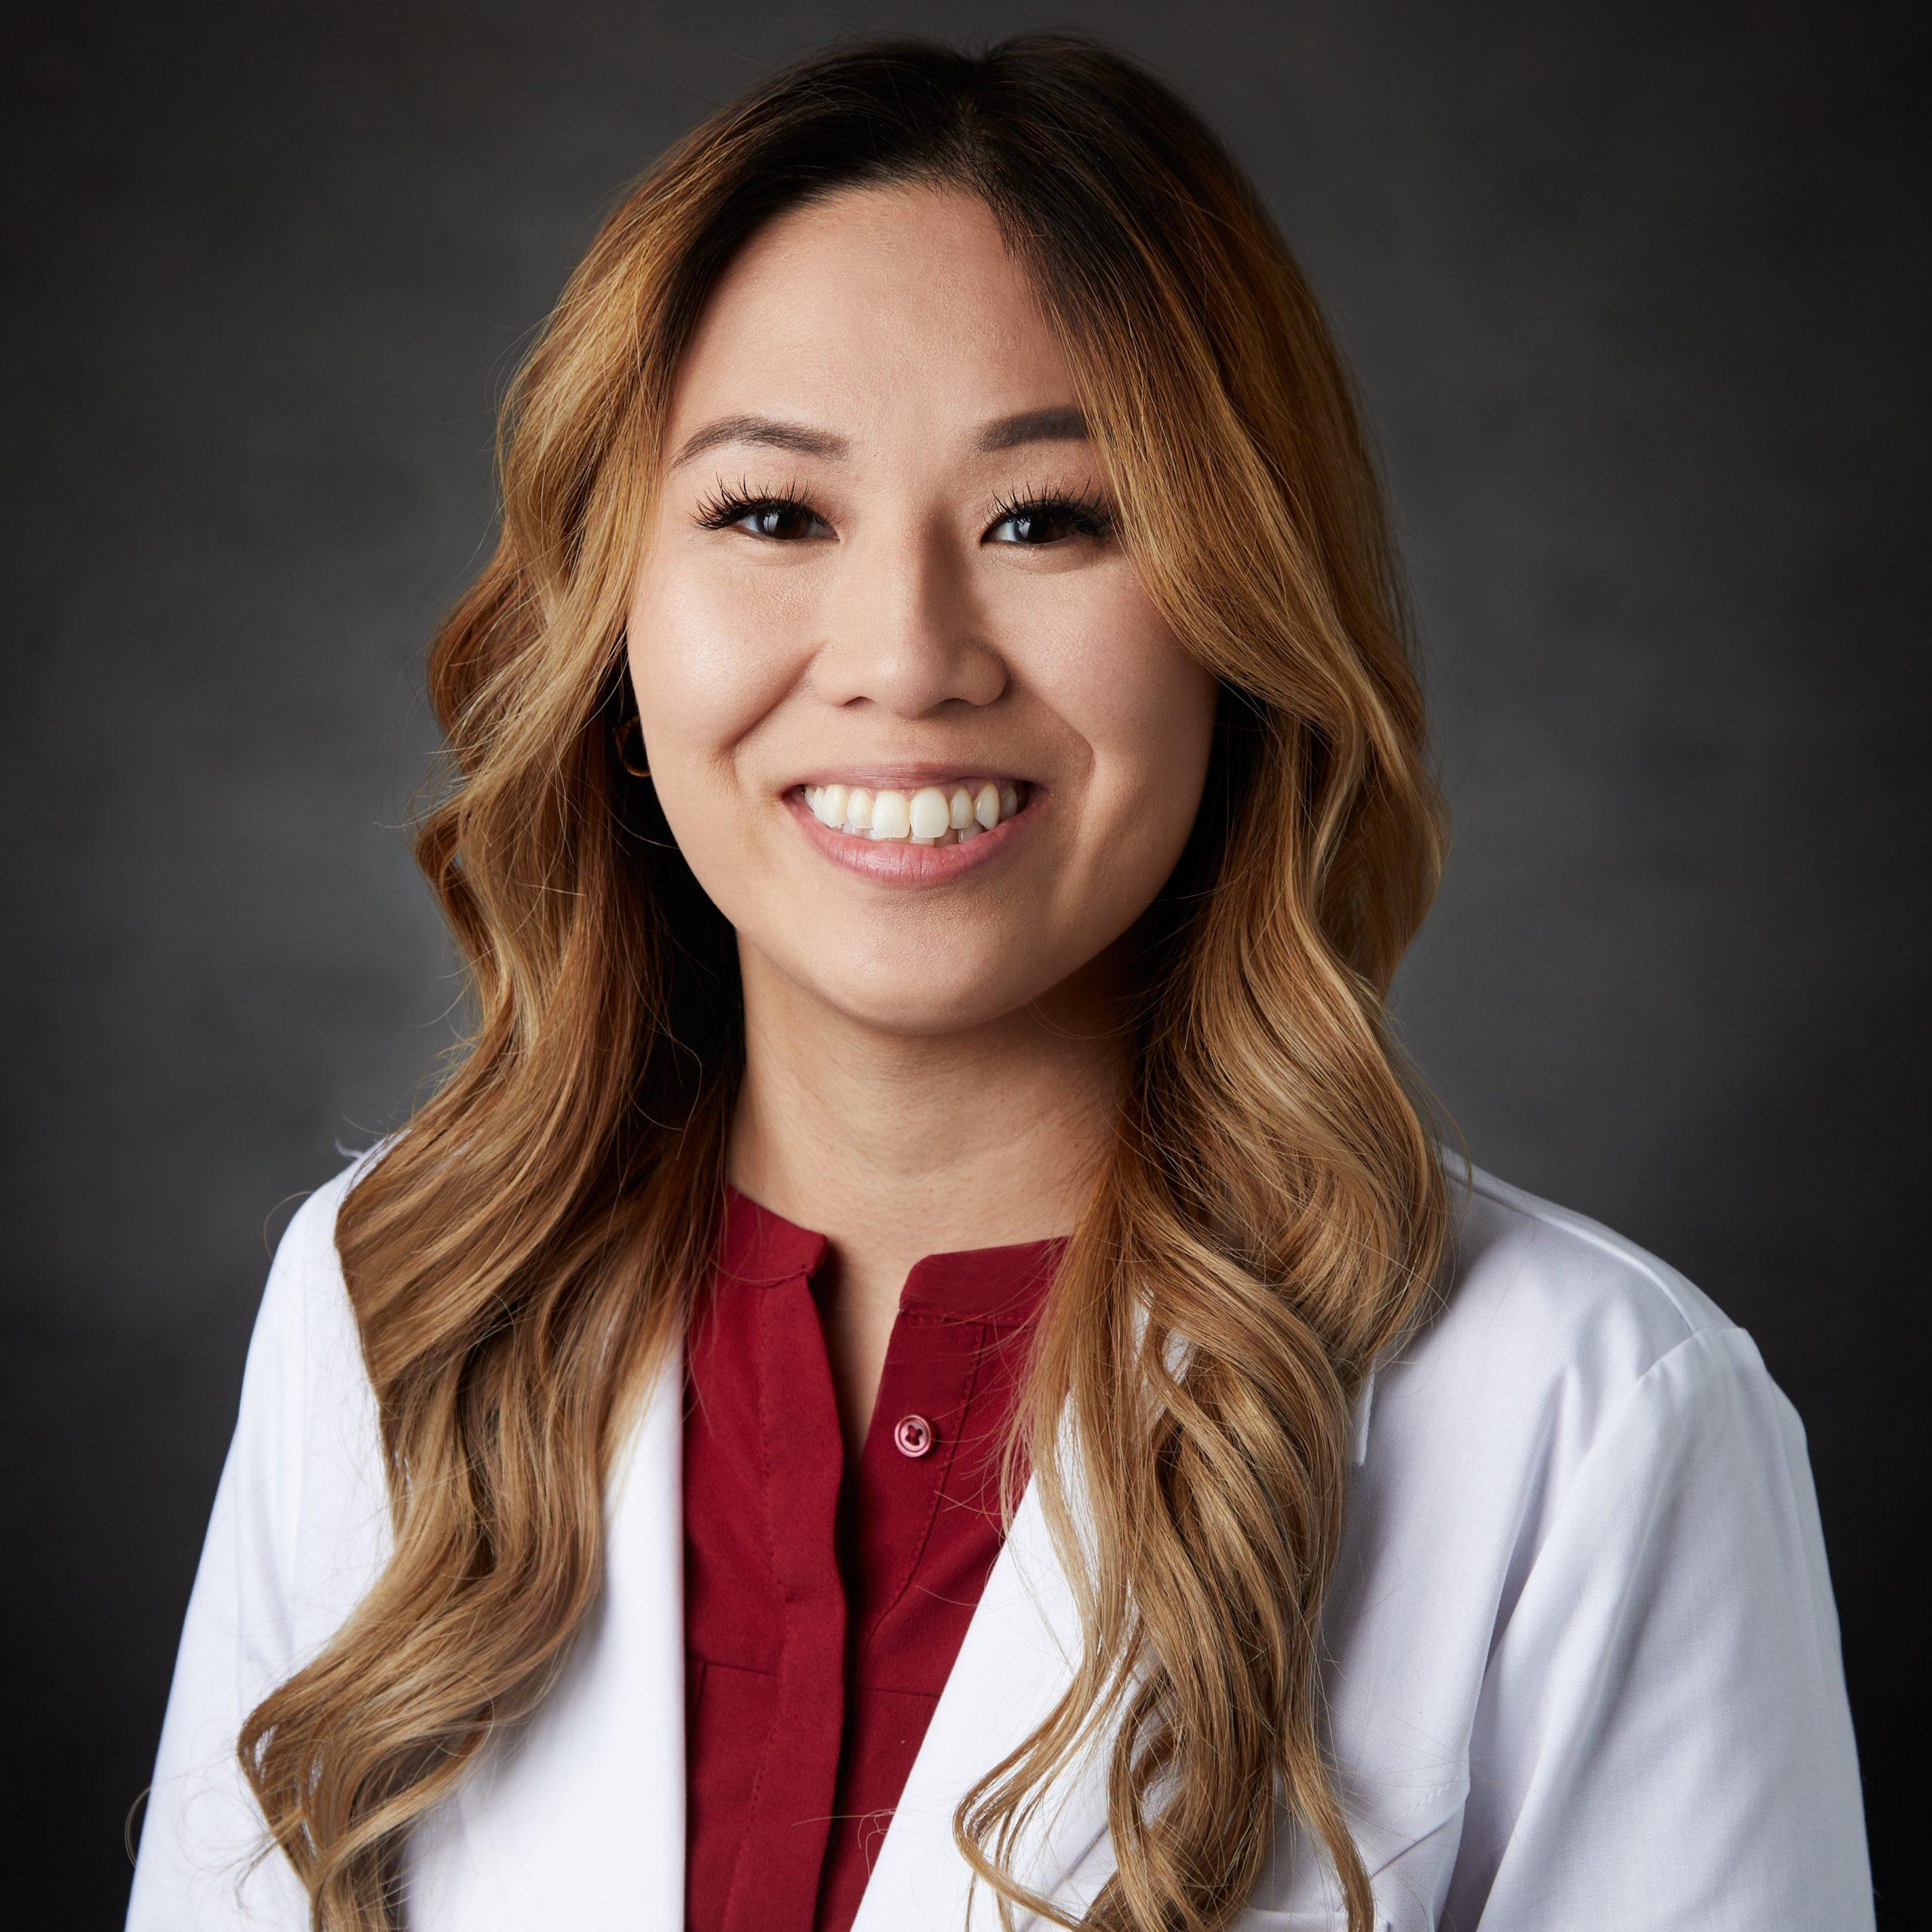 Dr. Nguyen - Shopko Optical optometrist